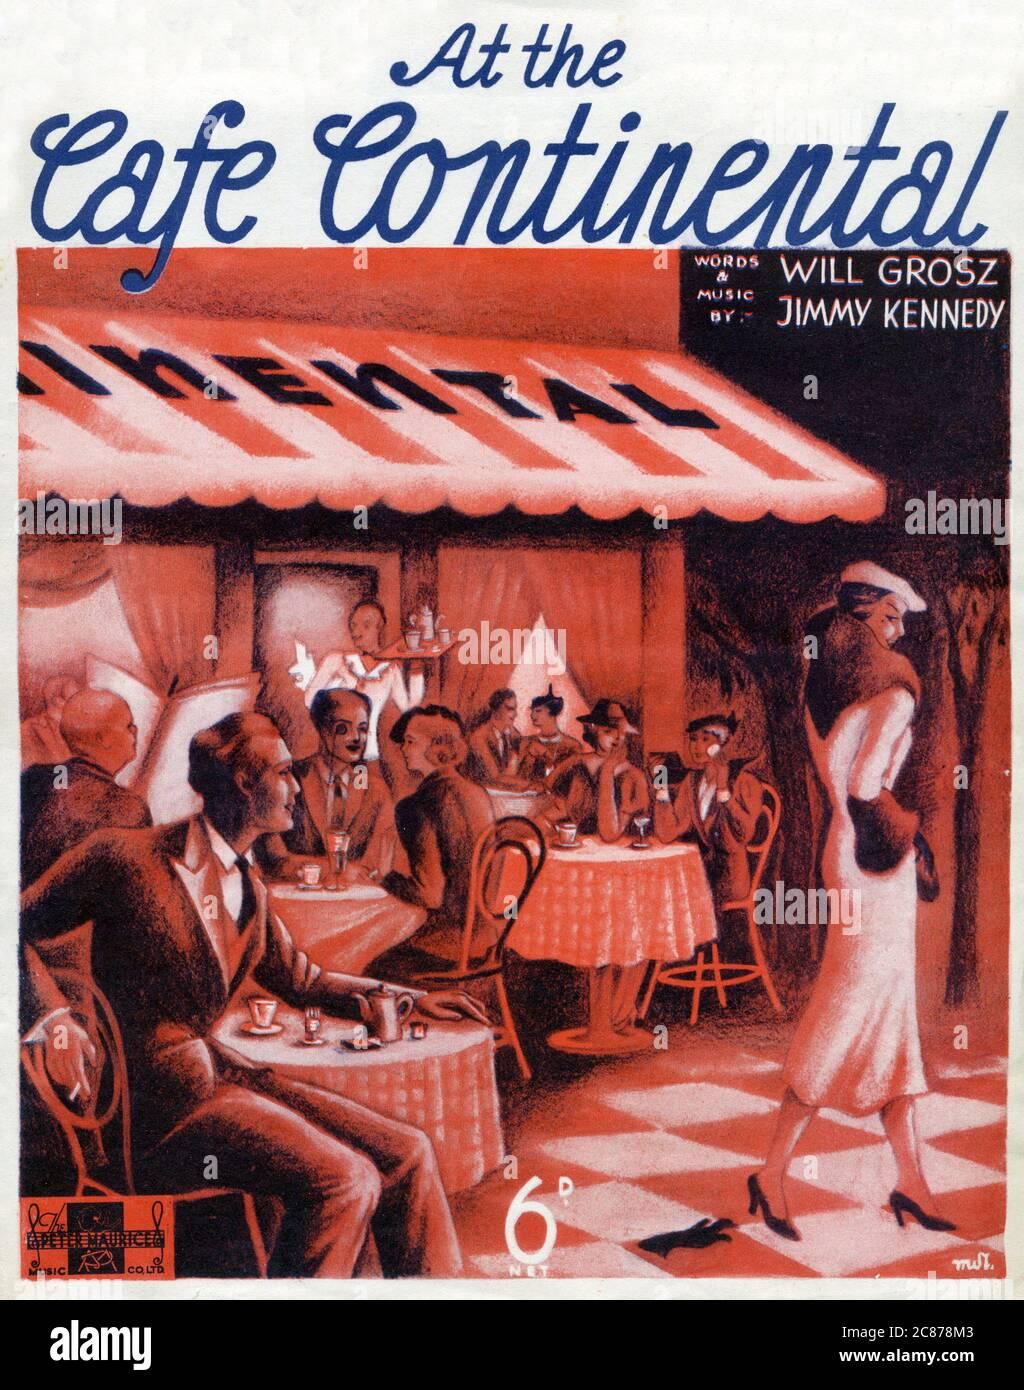 Cubierta de la hoja de música para 'at the Cafe Continental' por will Grosz y Jimmy Kennedy. La ilustración tiene un café continental con varios clientes sentados en mesas al aire libre. Un camarero emerge con bebidas y una mujer elegante les llama la atención de un admirador. Fecha: 1936 Foto de stock